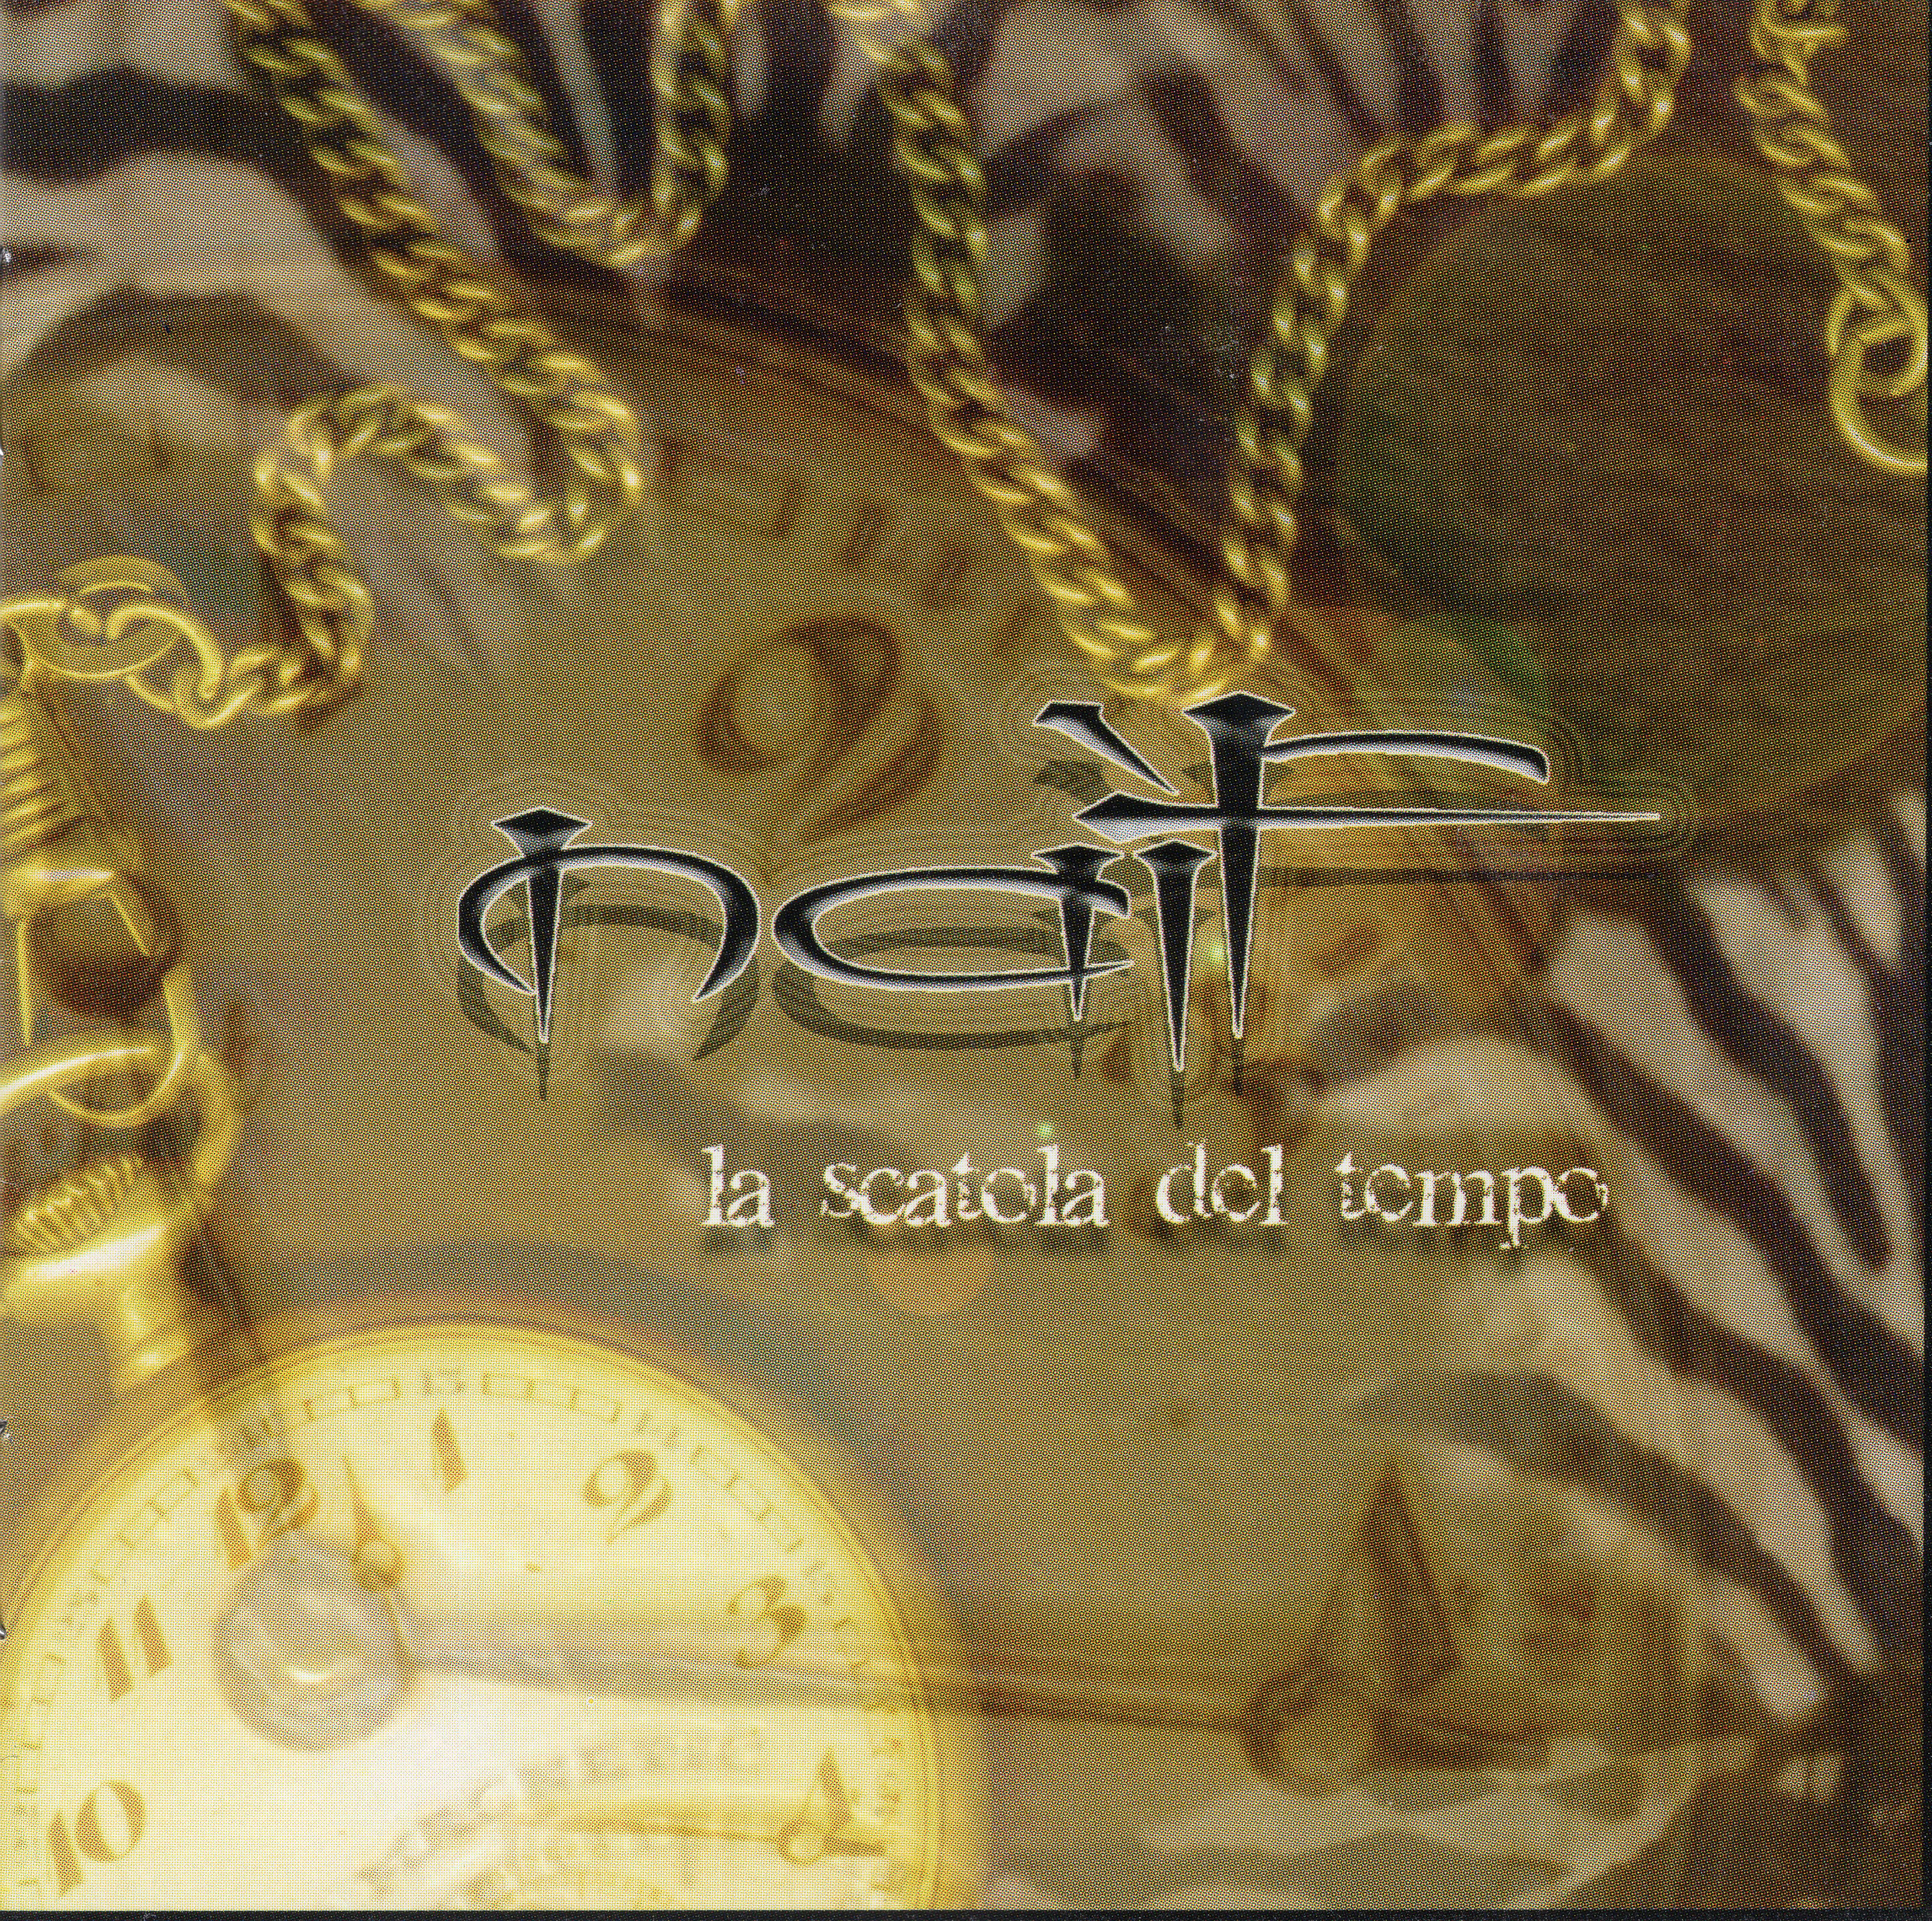 La Scatola del Tempo, album dei Naif del 2005. Una delle tante band che sgomitano nella musica italiana, con quasi nessuna visibilità. Ma questo album, il loro debutto, è una vera gemma nascosta della musica italiana.